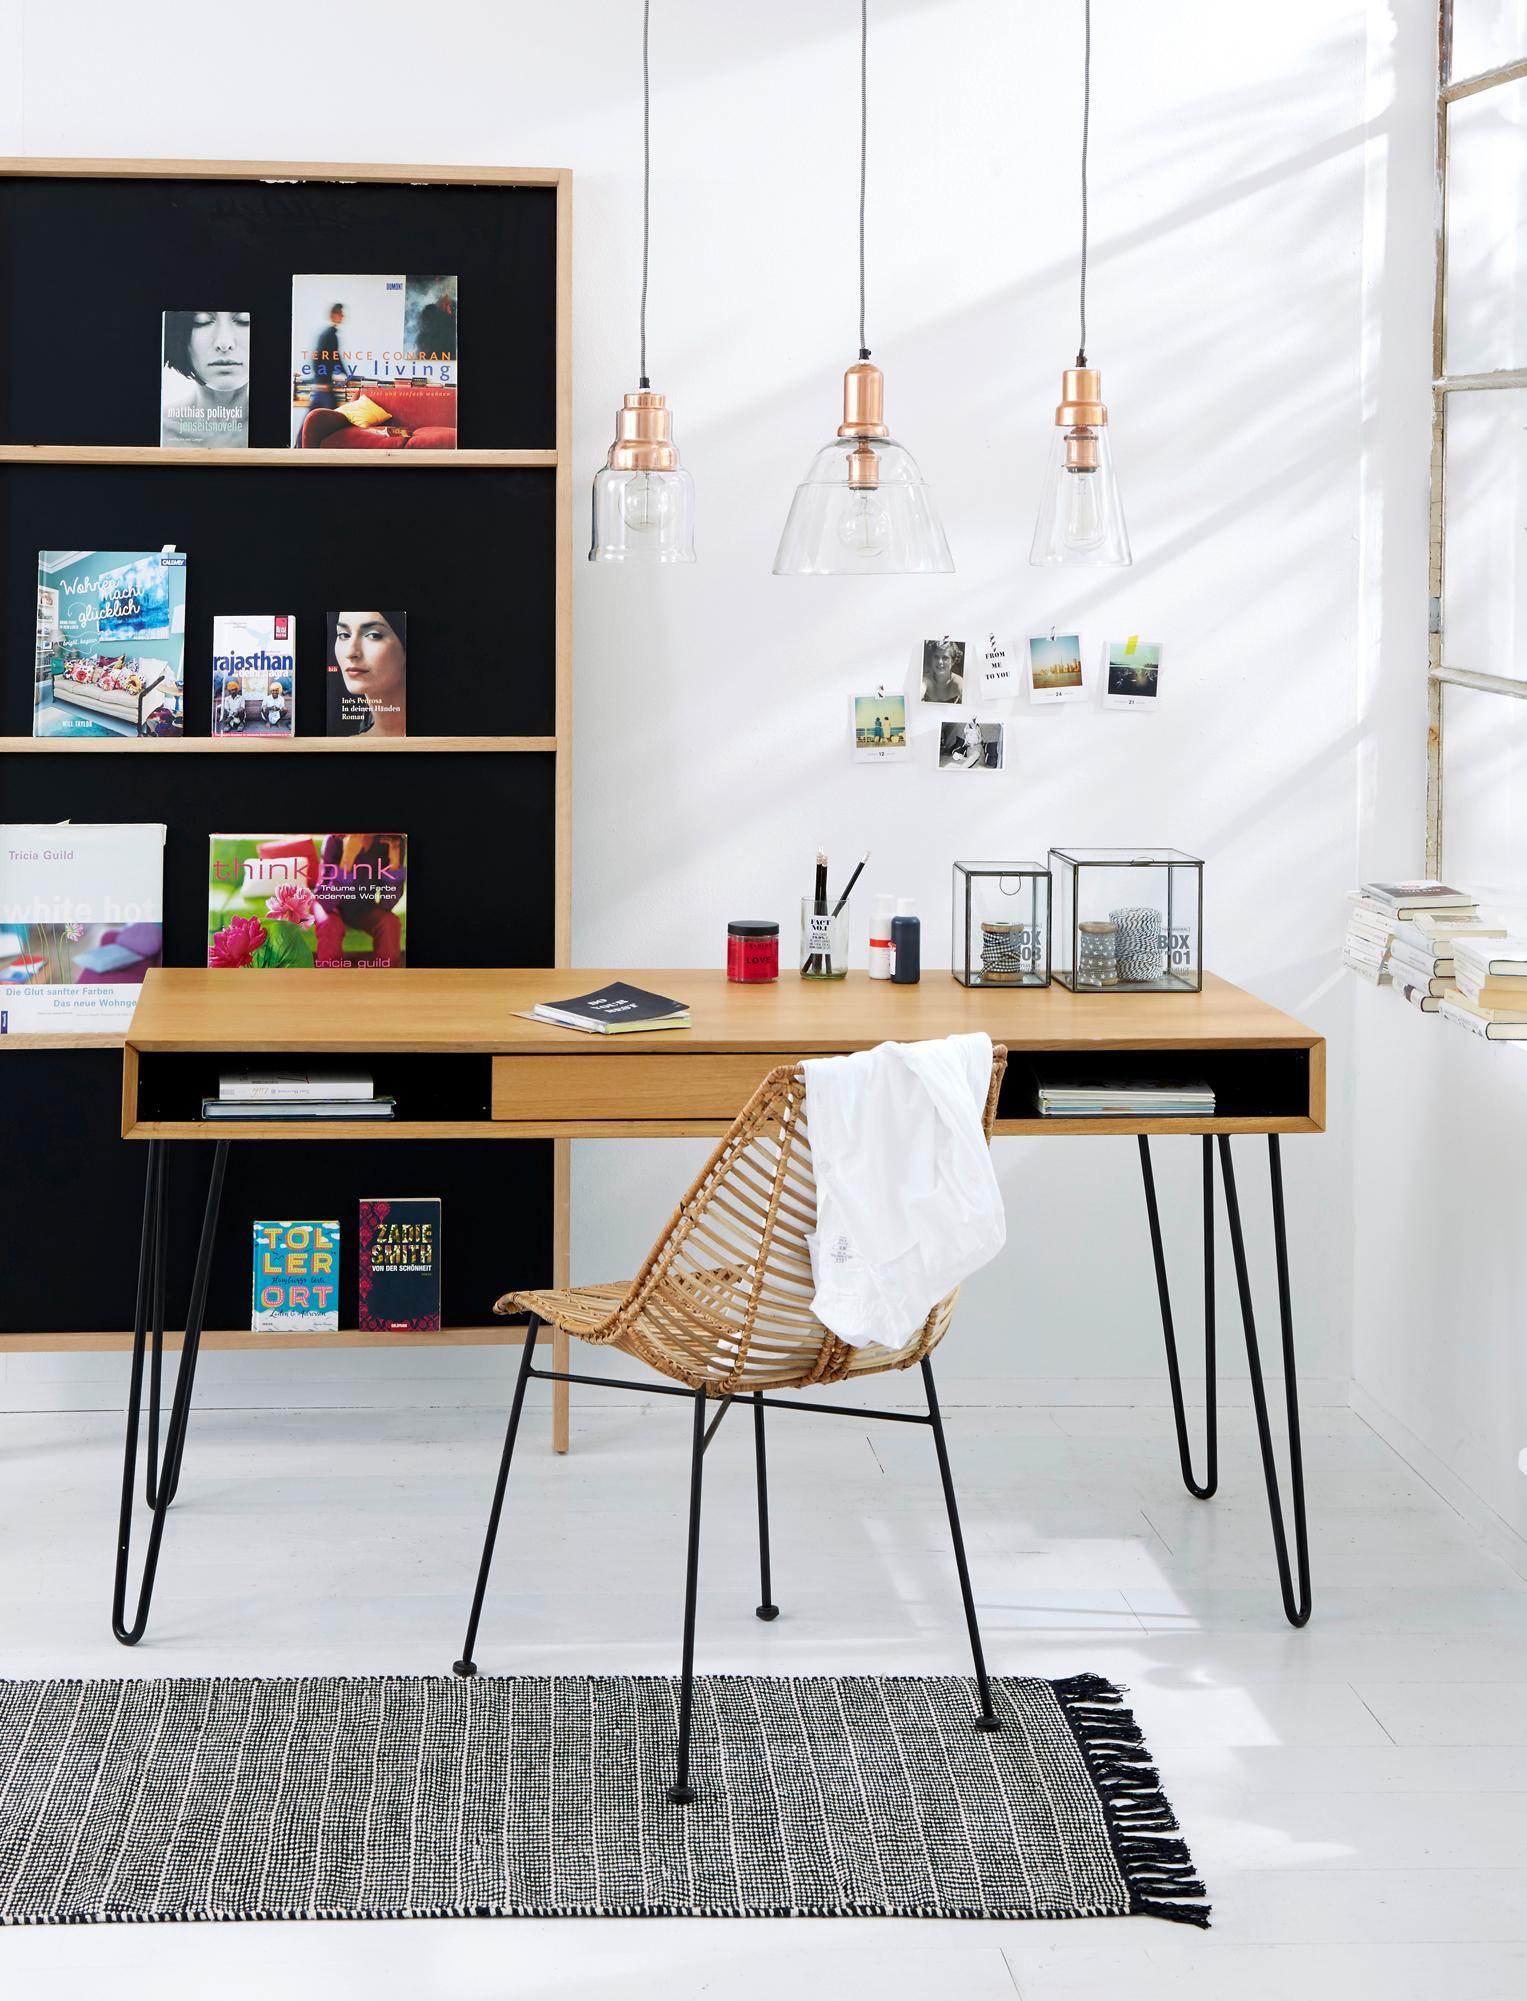 Großzügig Car Selbstbaumöbel Schreibtisch Bilder - Wohnzimmer ...